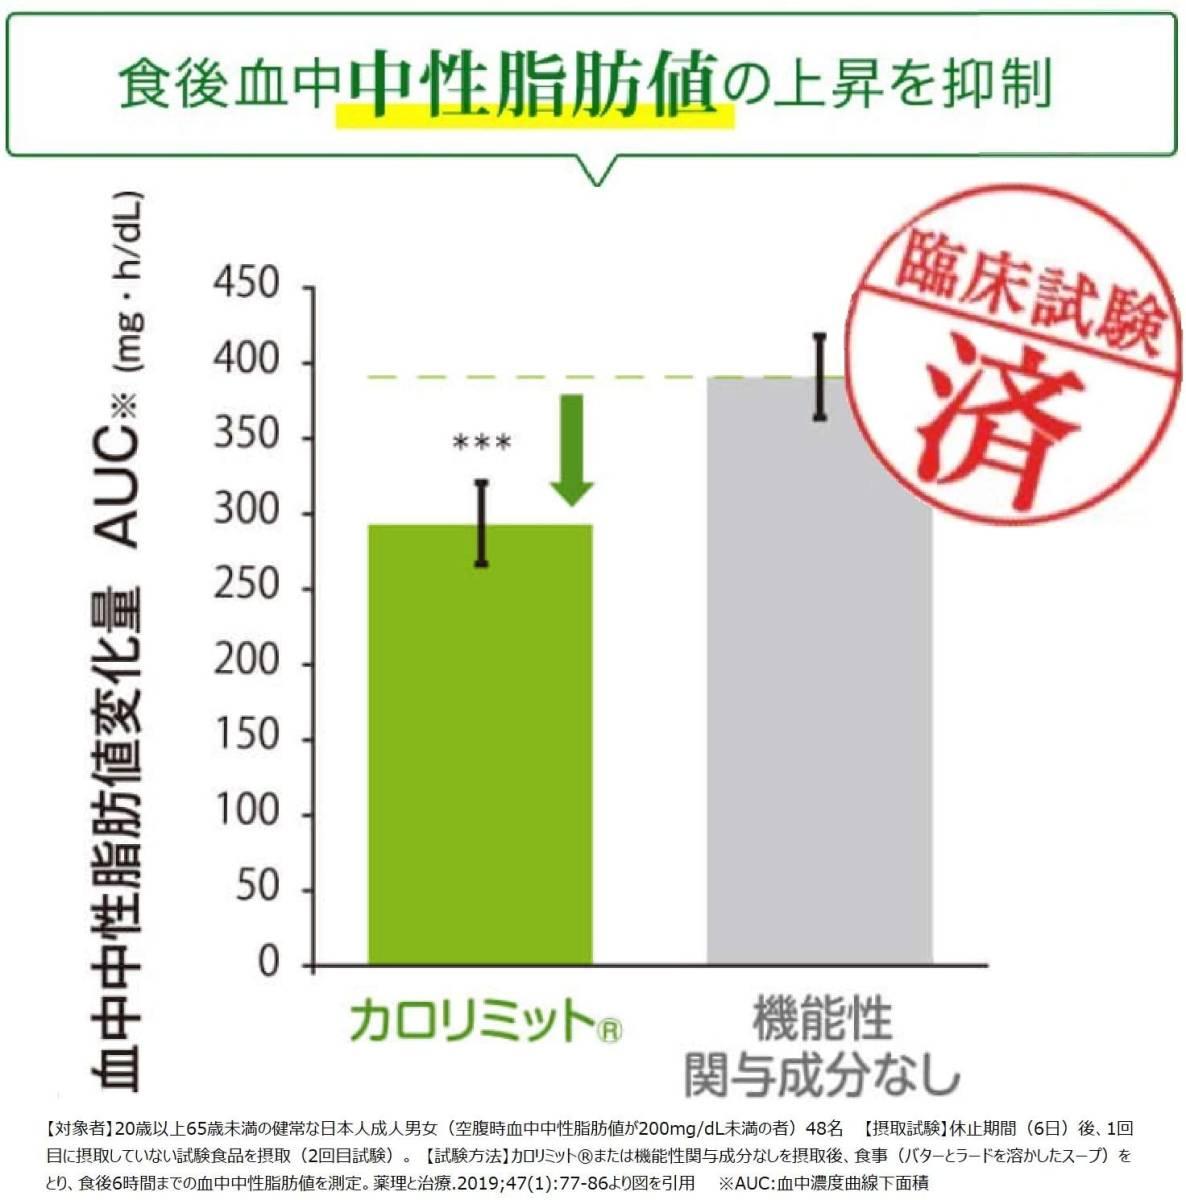 【即決送料無料】カロリミット 90粒 約30日分 機能性表示食品 ファンケル FANCL サプリ ダイエット_画像4